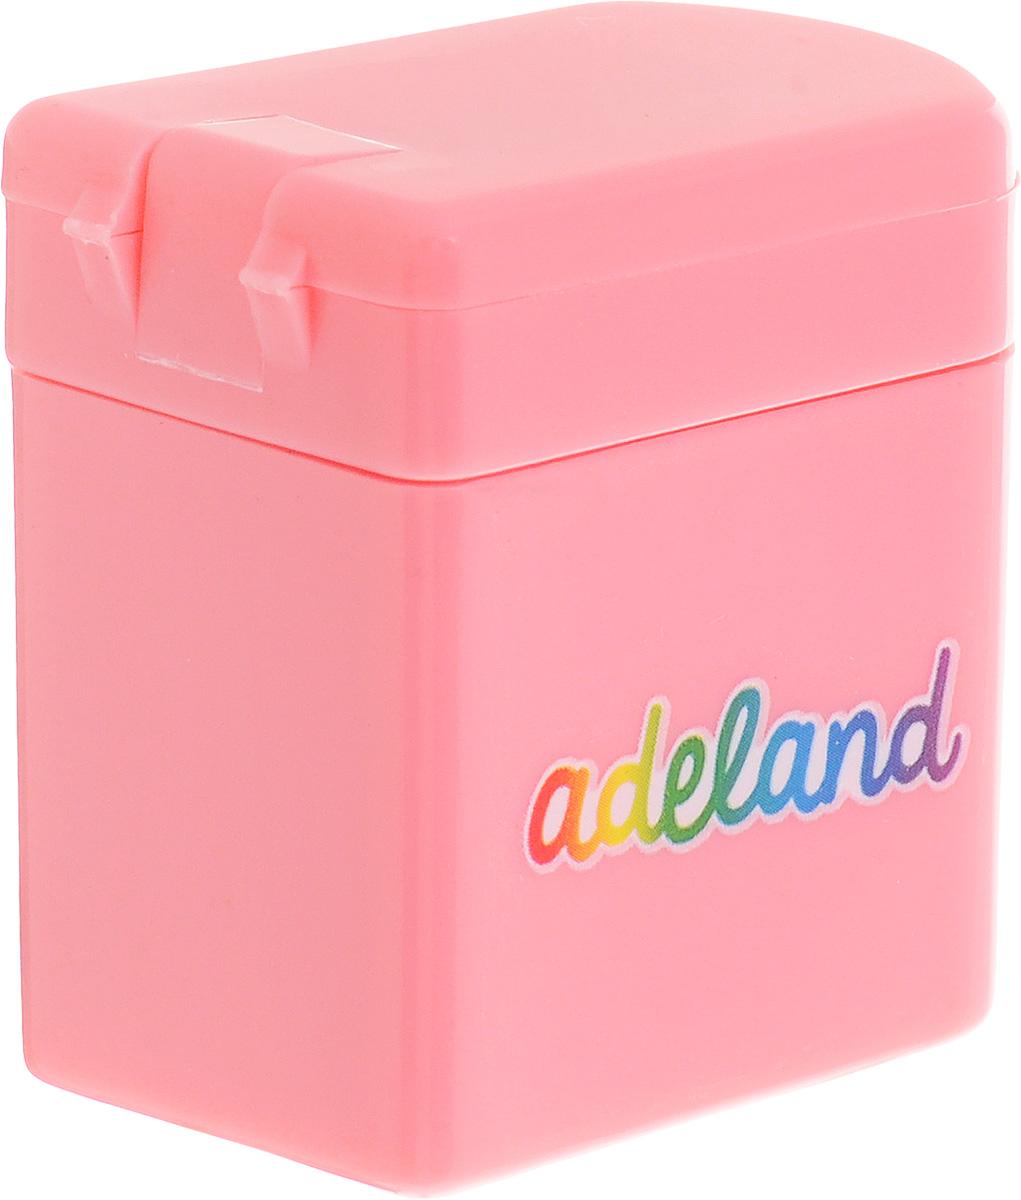 Точилка для карандашей Adeland хорошо точит цветные и простые карандаши. Она пригодится любому студенту или школьнику. Точилка оснащена двумя отверстиями разного диаметра и не повреждает поверхность карандаша при заточке. Точилка выполнена в виде яркой коробочки с изображением героев мультфильма Adeland. Крышка коробочки открывается, емкость под стружку легко отделяется от корпуса.